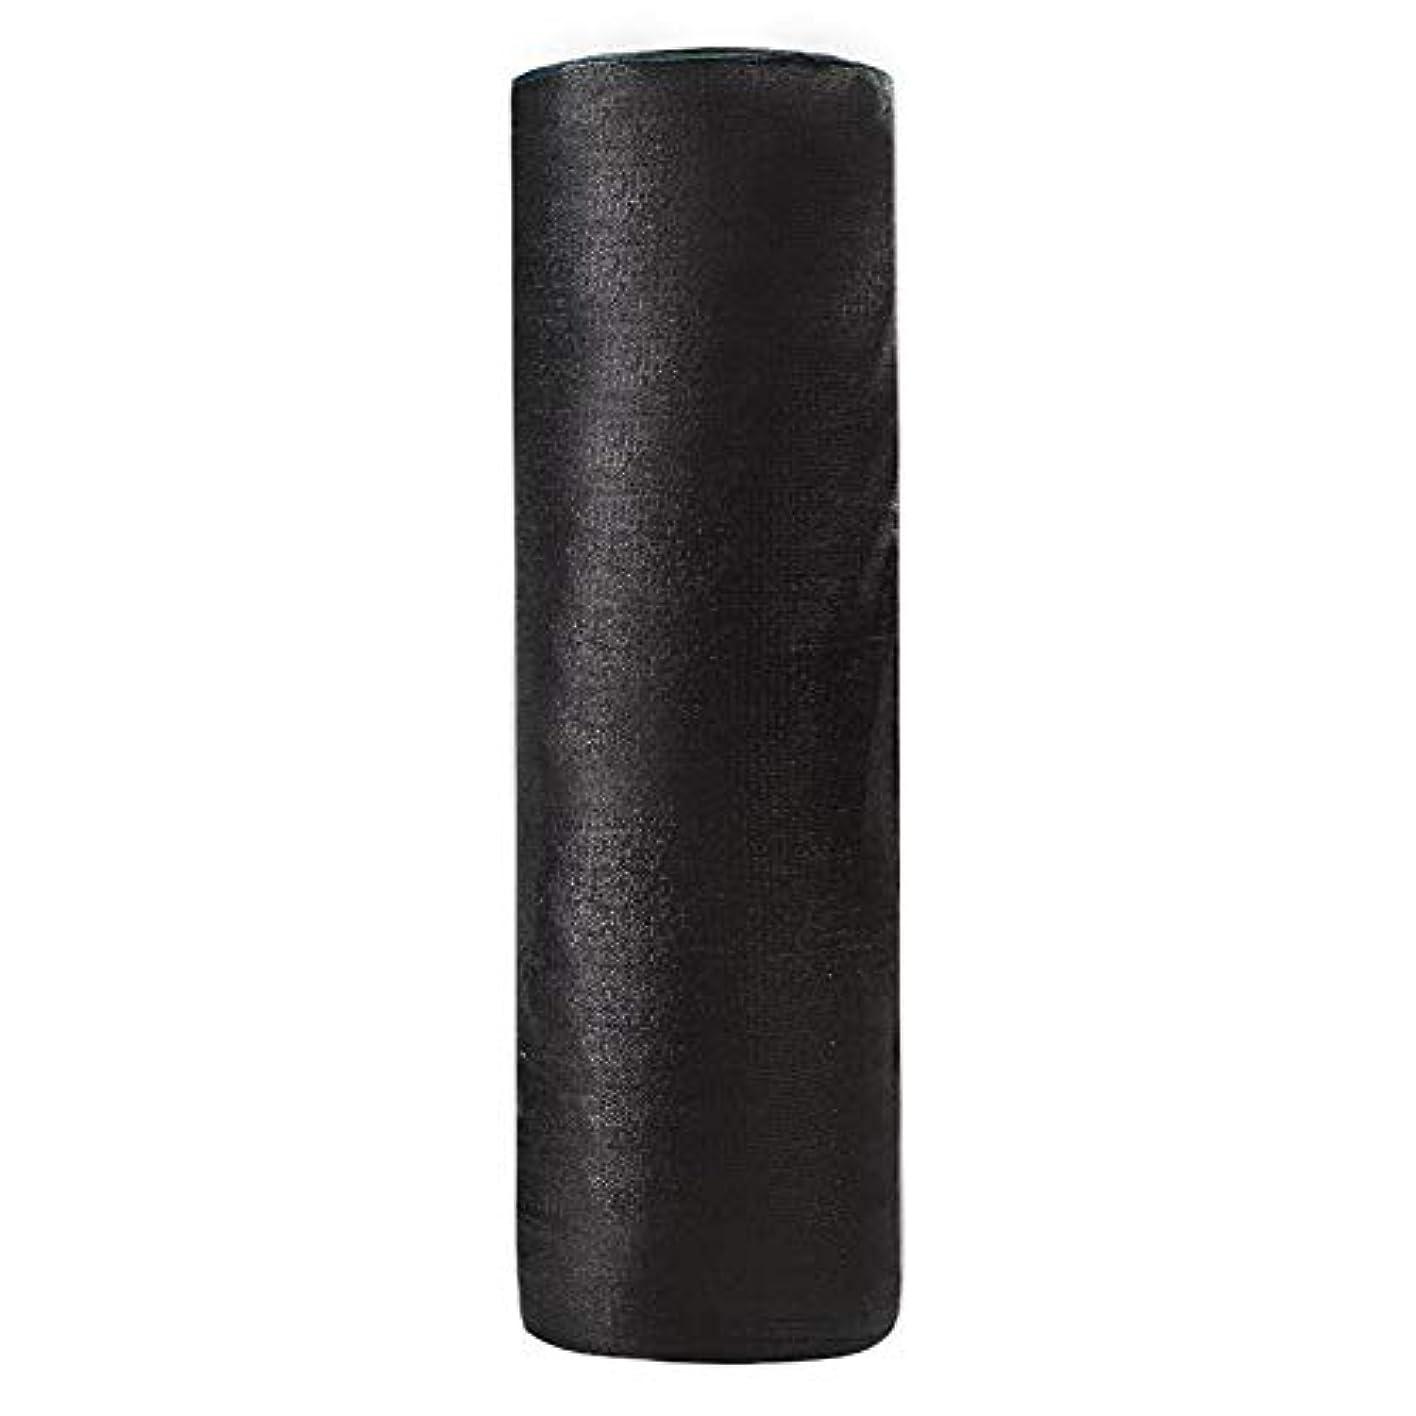 クリスマス謎めいたまどろみのあるZX タープ シェーディングネット ブラック日焼け止めシェード布ロール、 80%UV耐性メッシュネットカバーテーピングエッジ 花に最適植物のパティオ芝生、55g /㎡ テント アウトドア (Color : Black, Size : 5X50M)